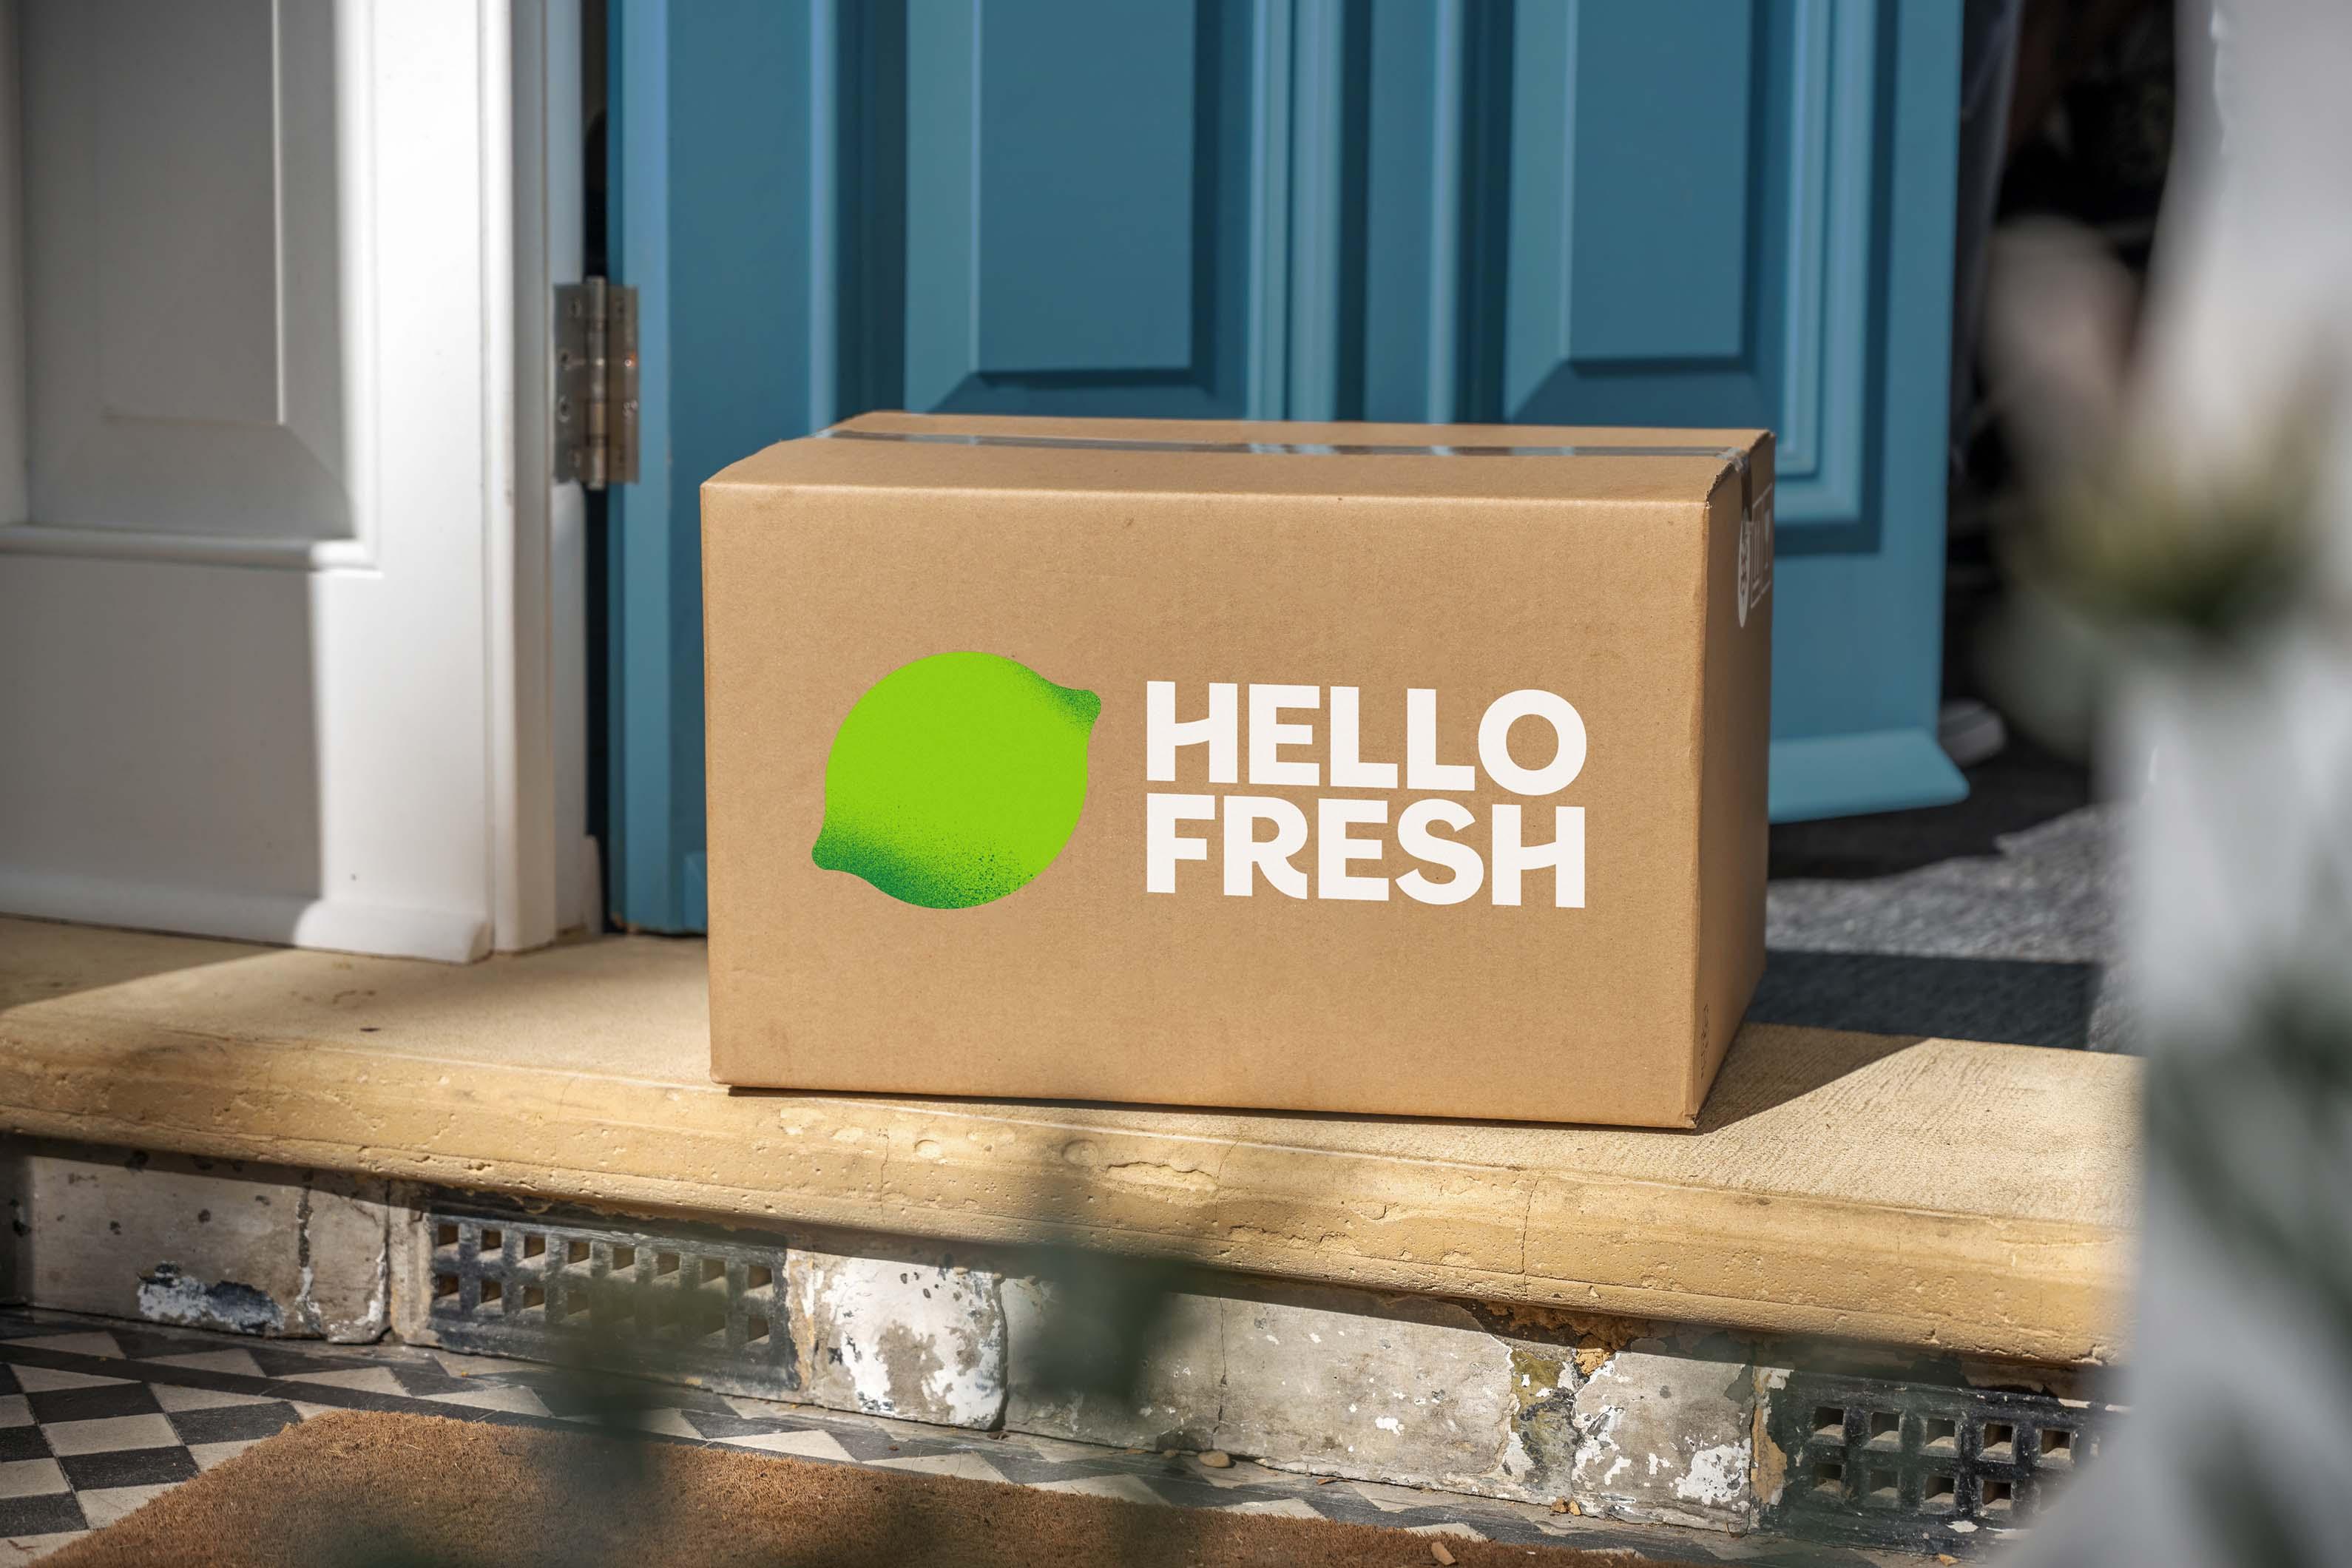 hiw-delivery_de.jpg